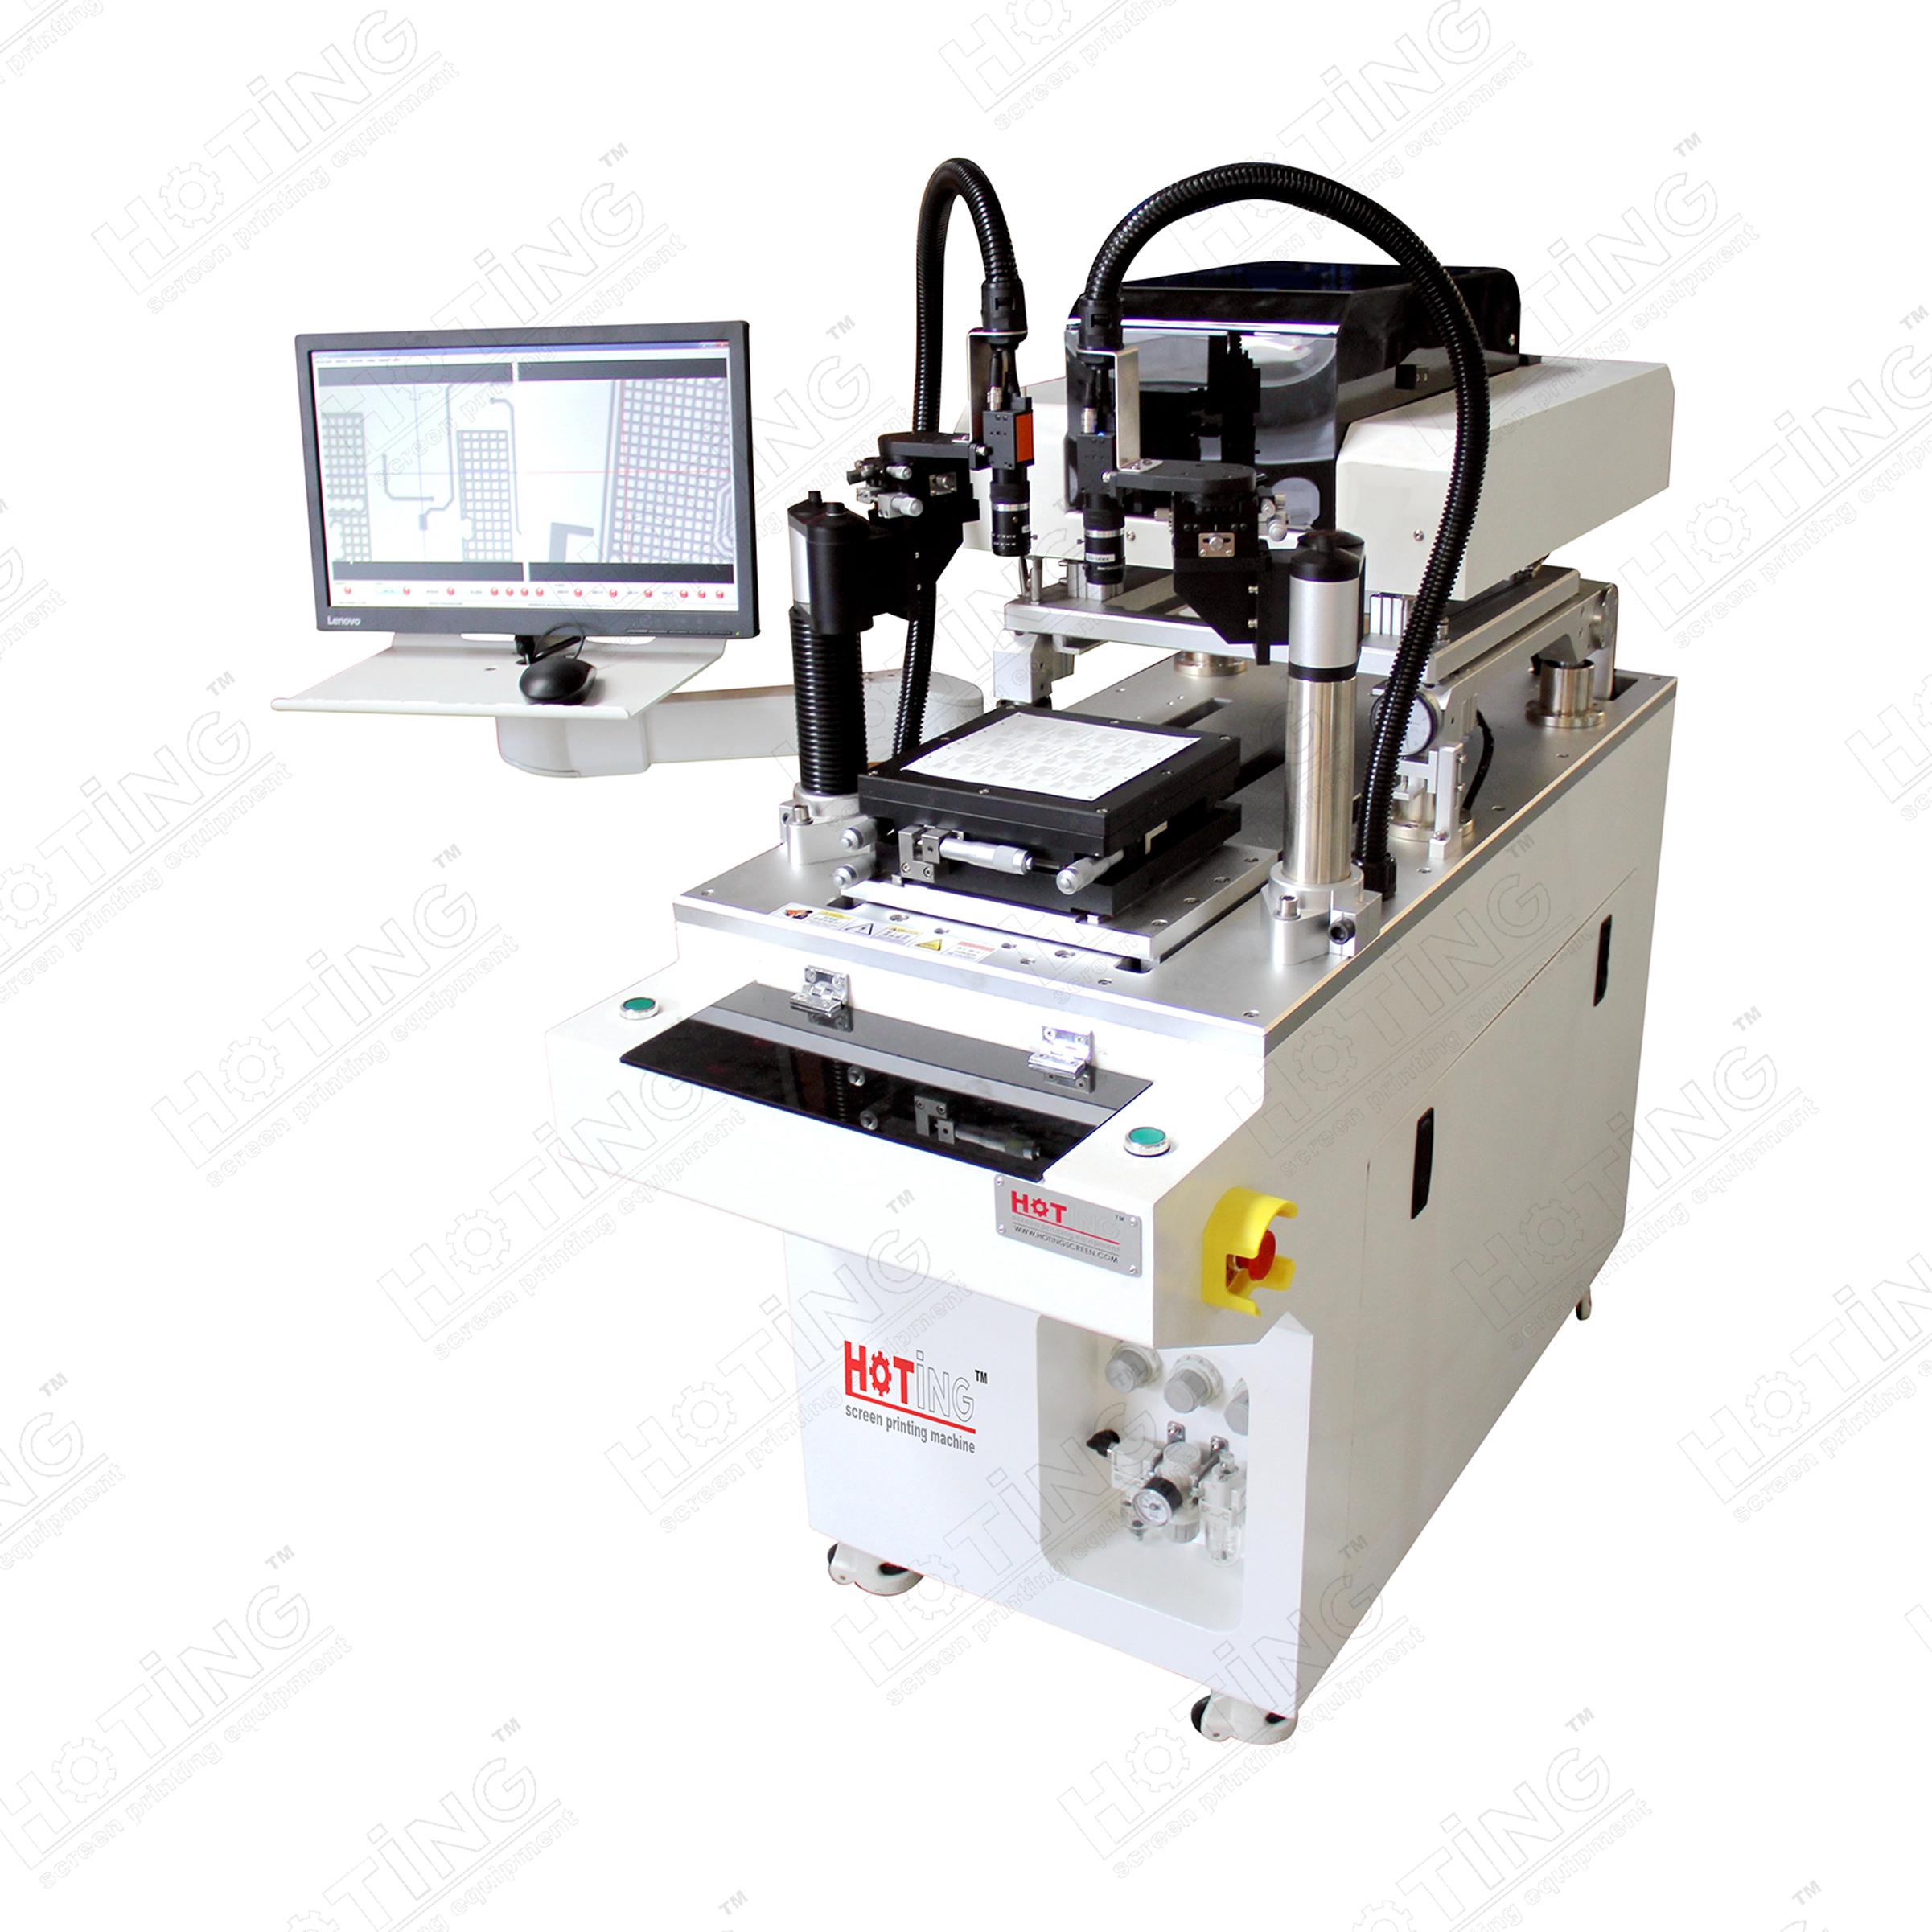 高精密小型厚膜印刷机(辅助对位)